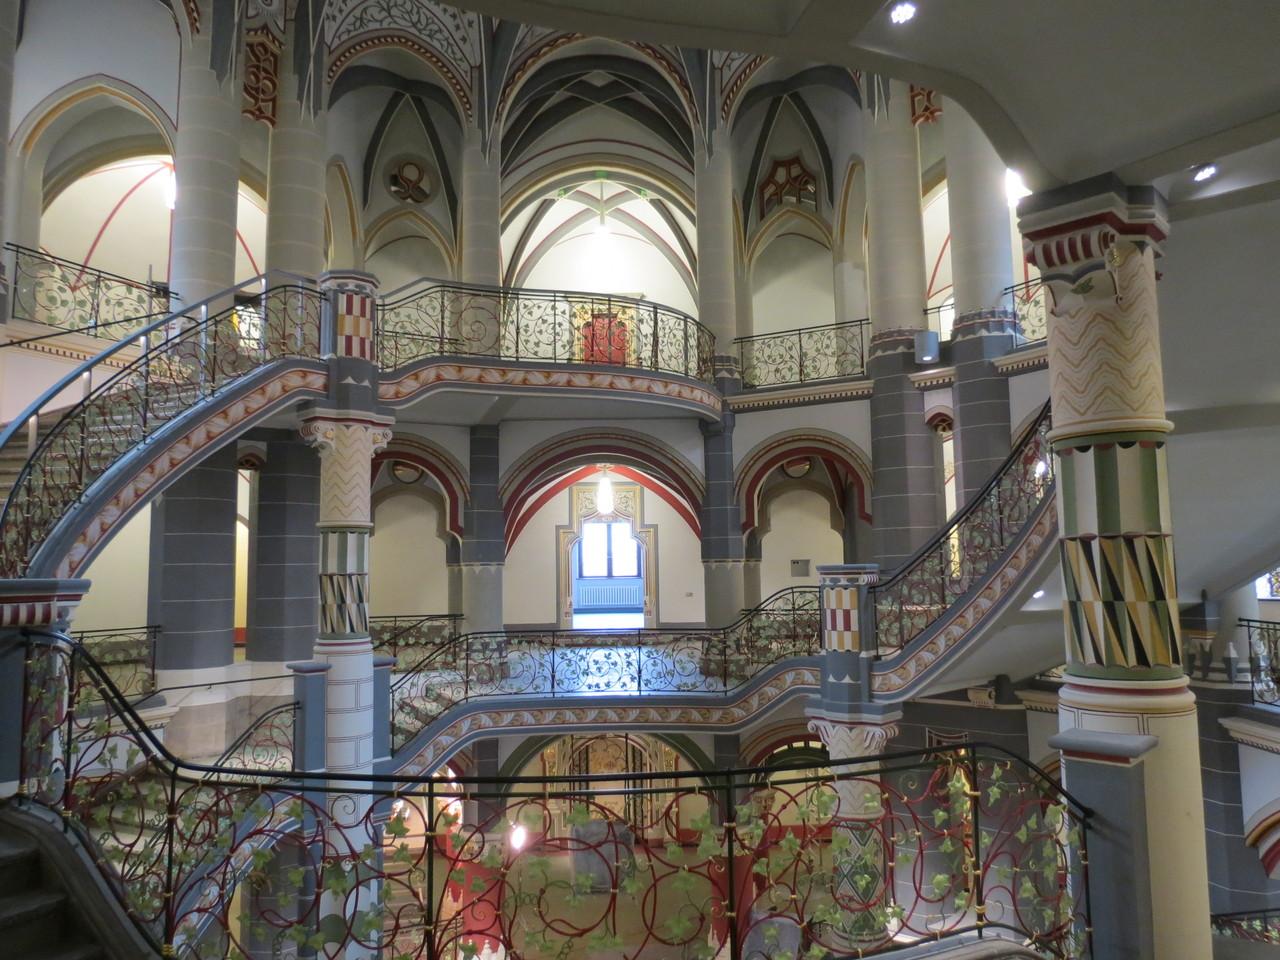 Landgericht Halle Treppengeländer Rekonstruktion Originalfassung